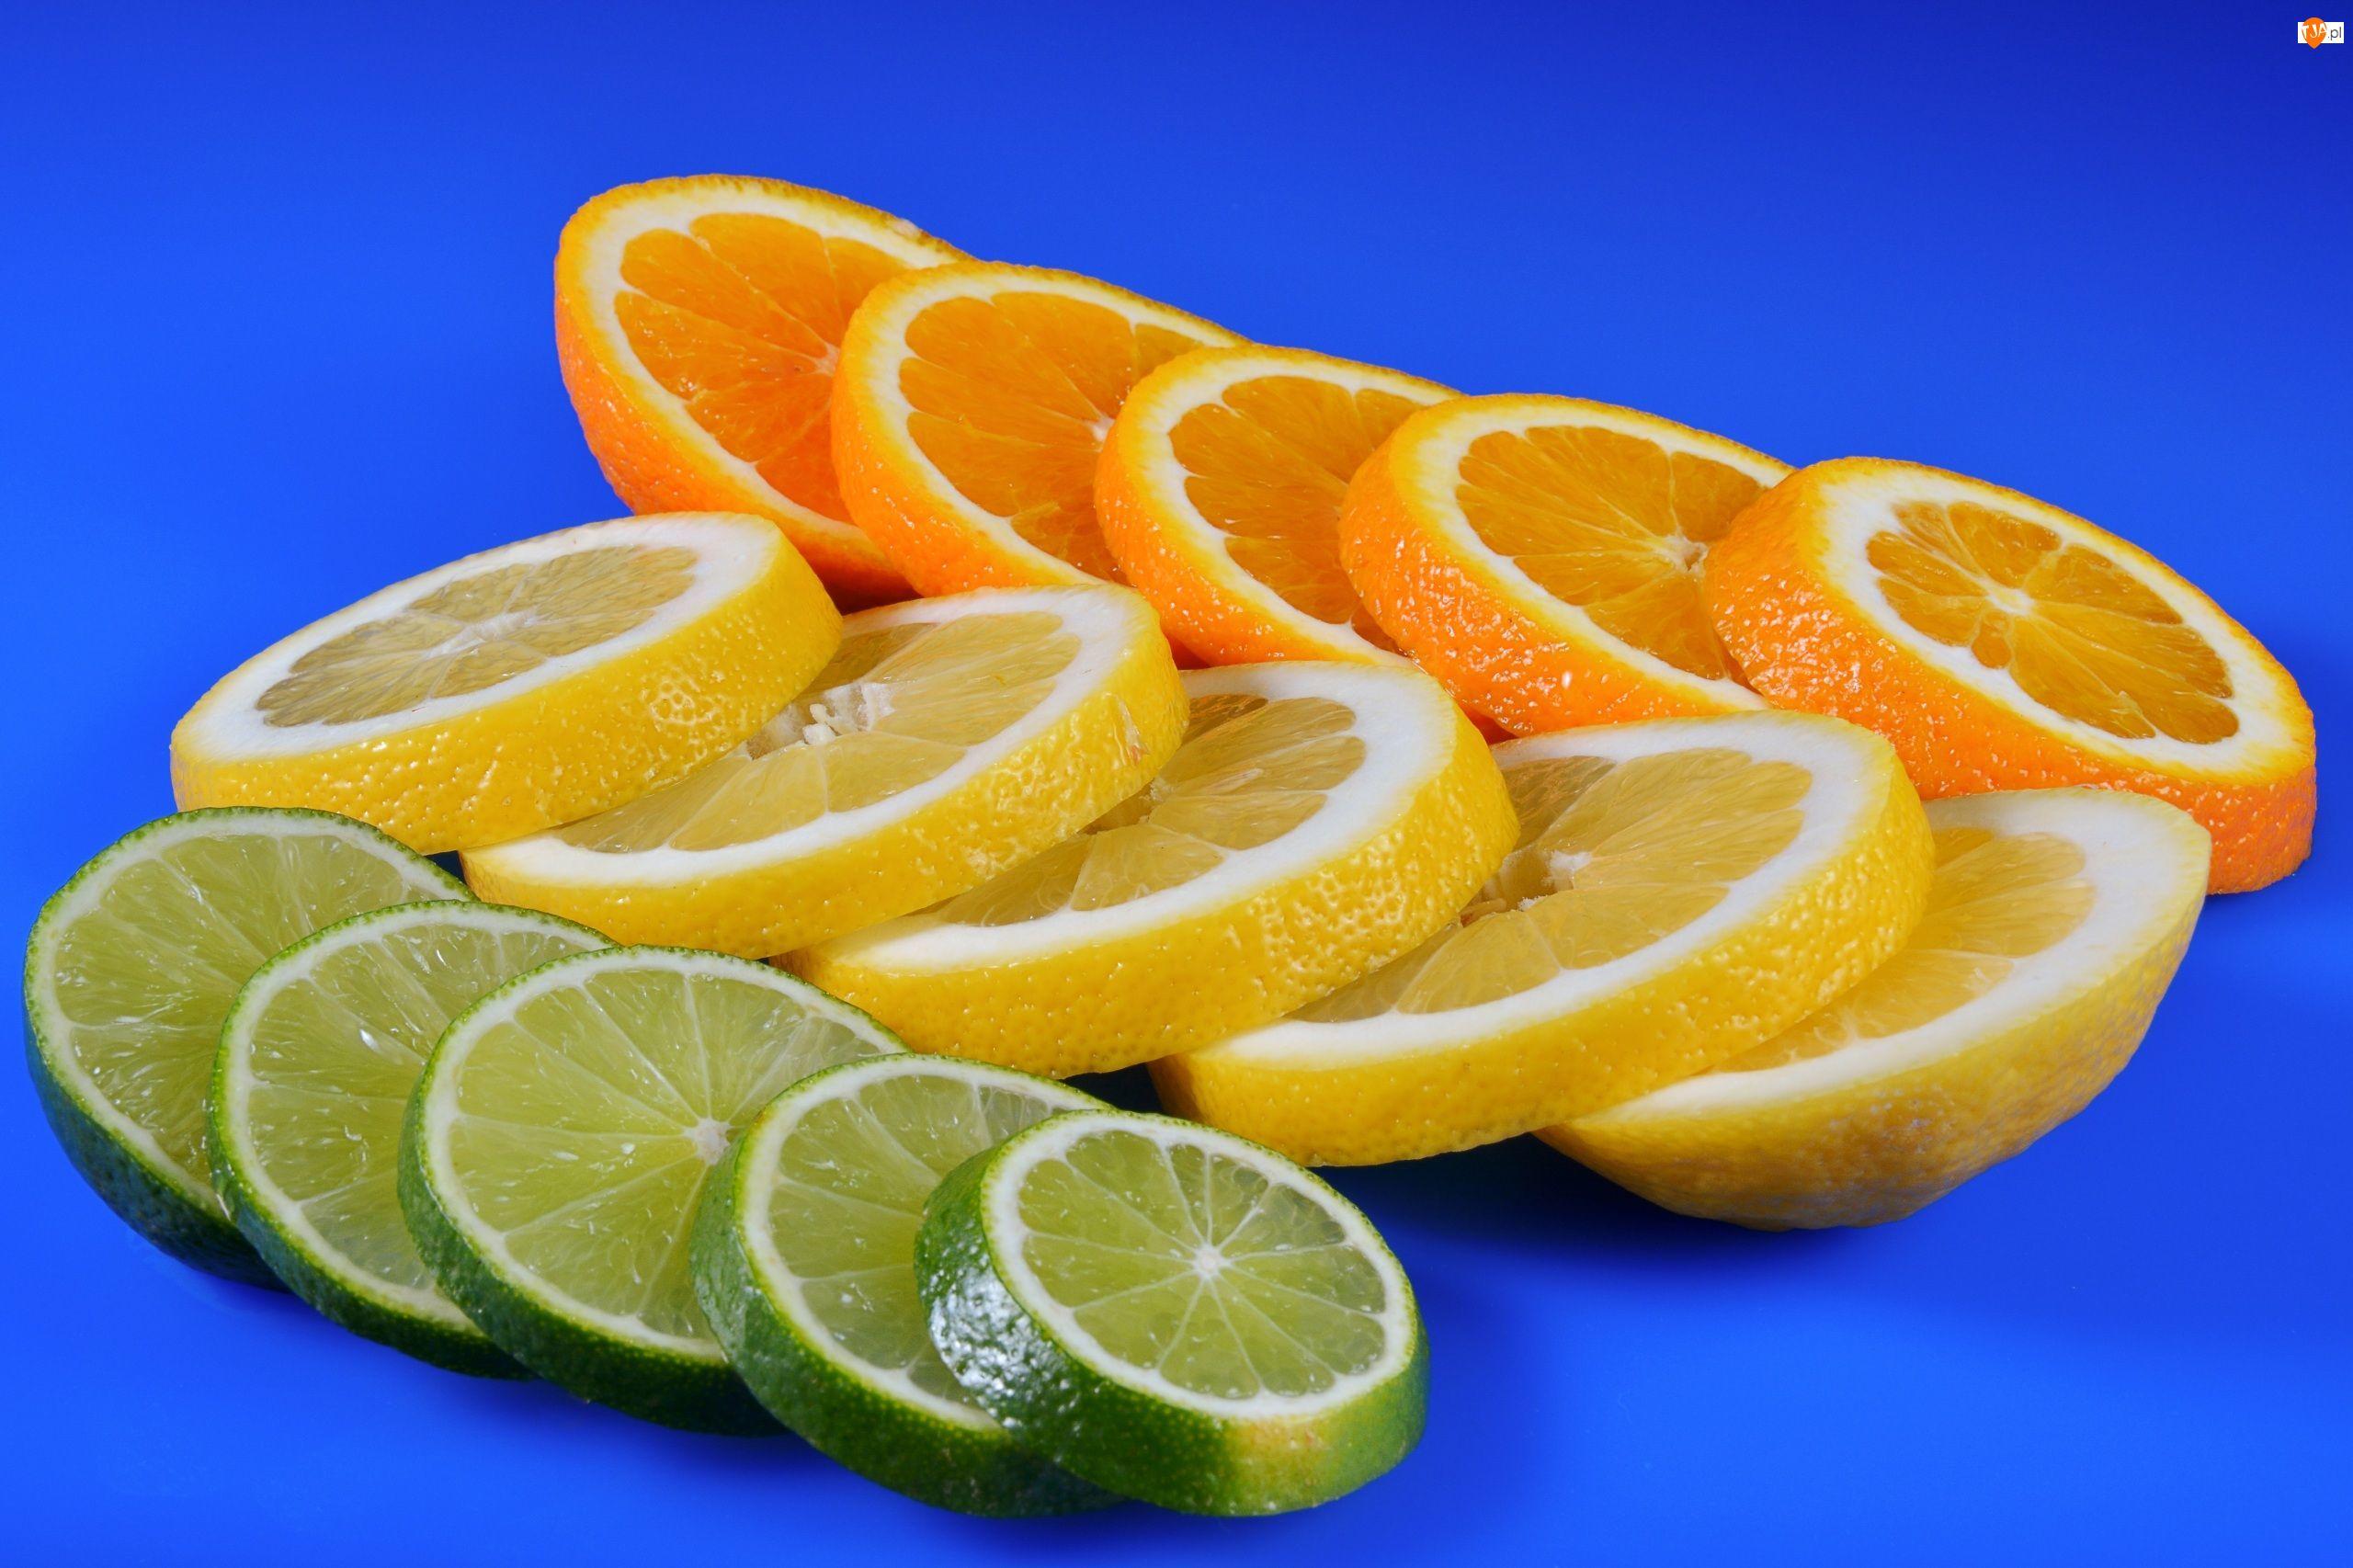 Pomarańcza, Plasterki, Cytryna, Cytrusy, Limonka